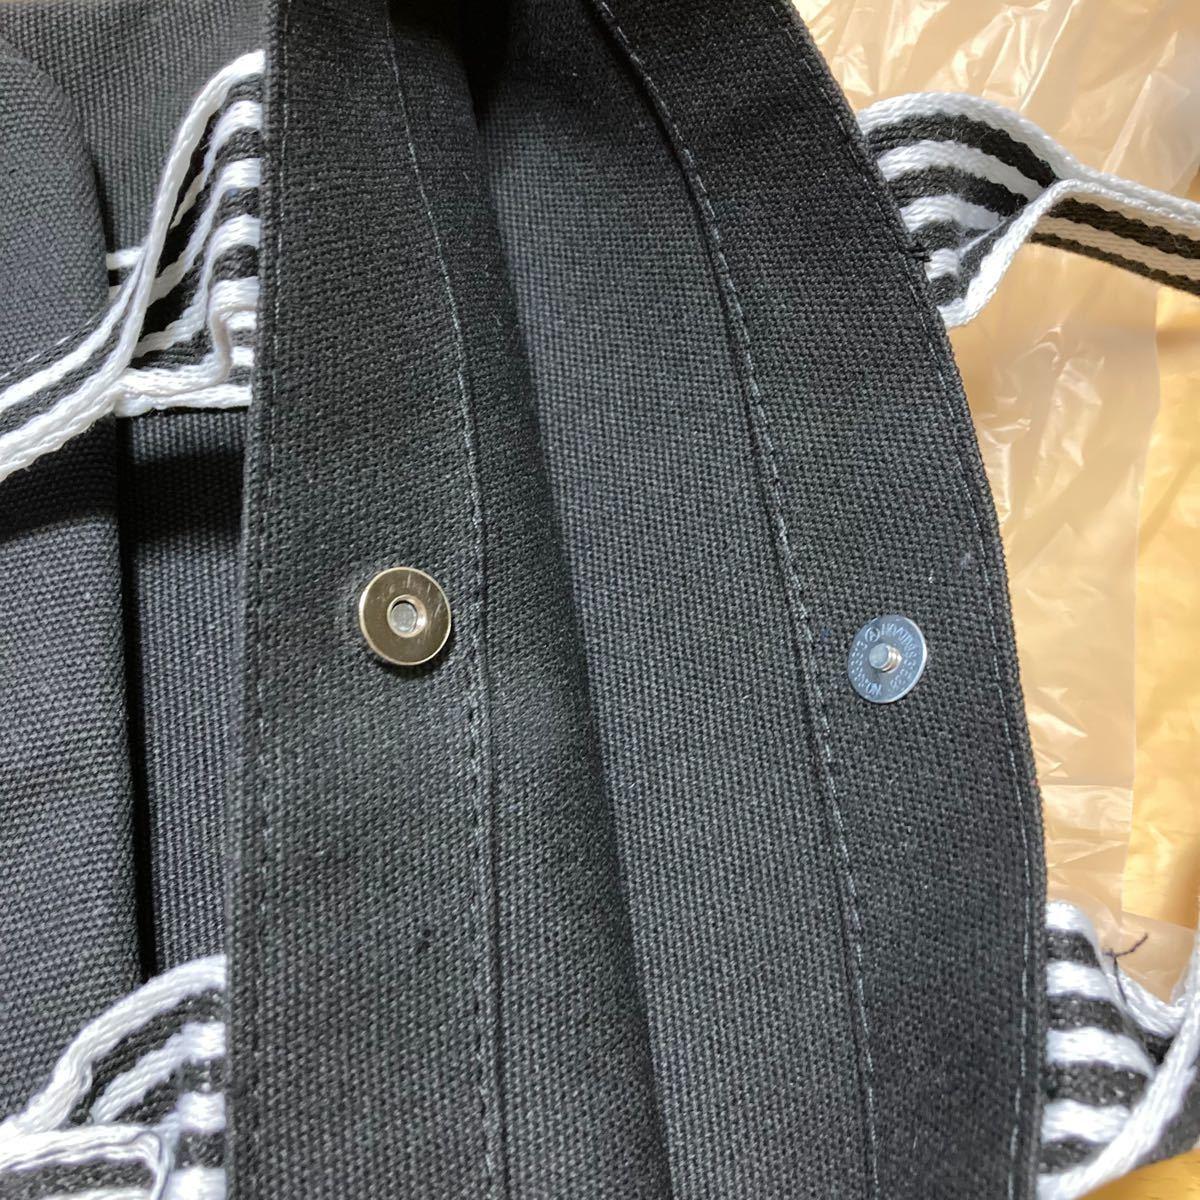 トートバッグ ミニトート リボン サブトートバッグ キャンバス ランチバッグ 黒